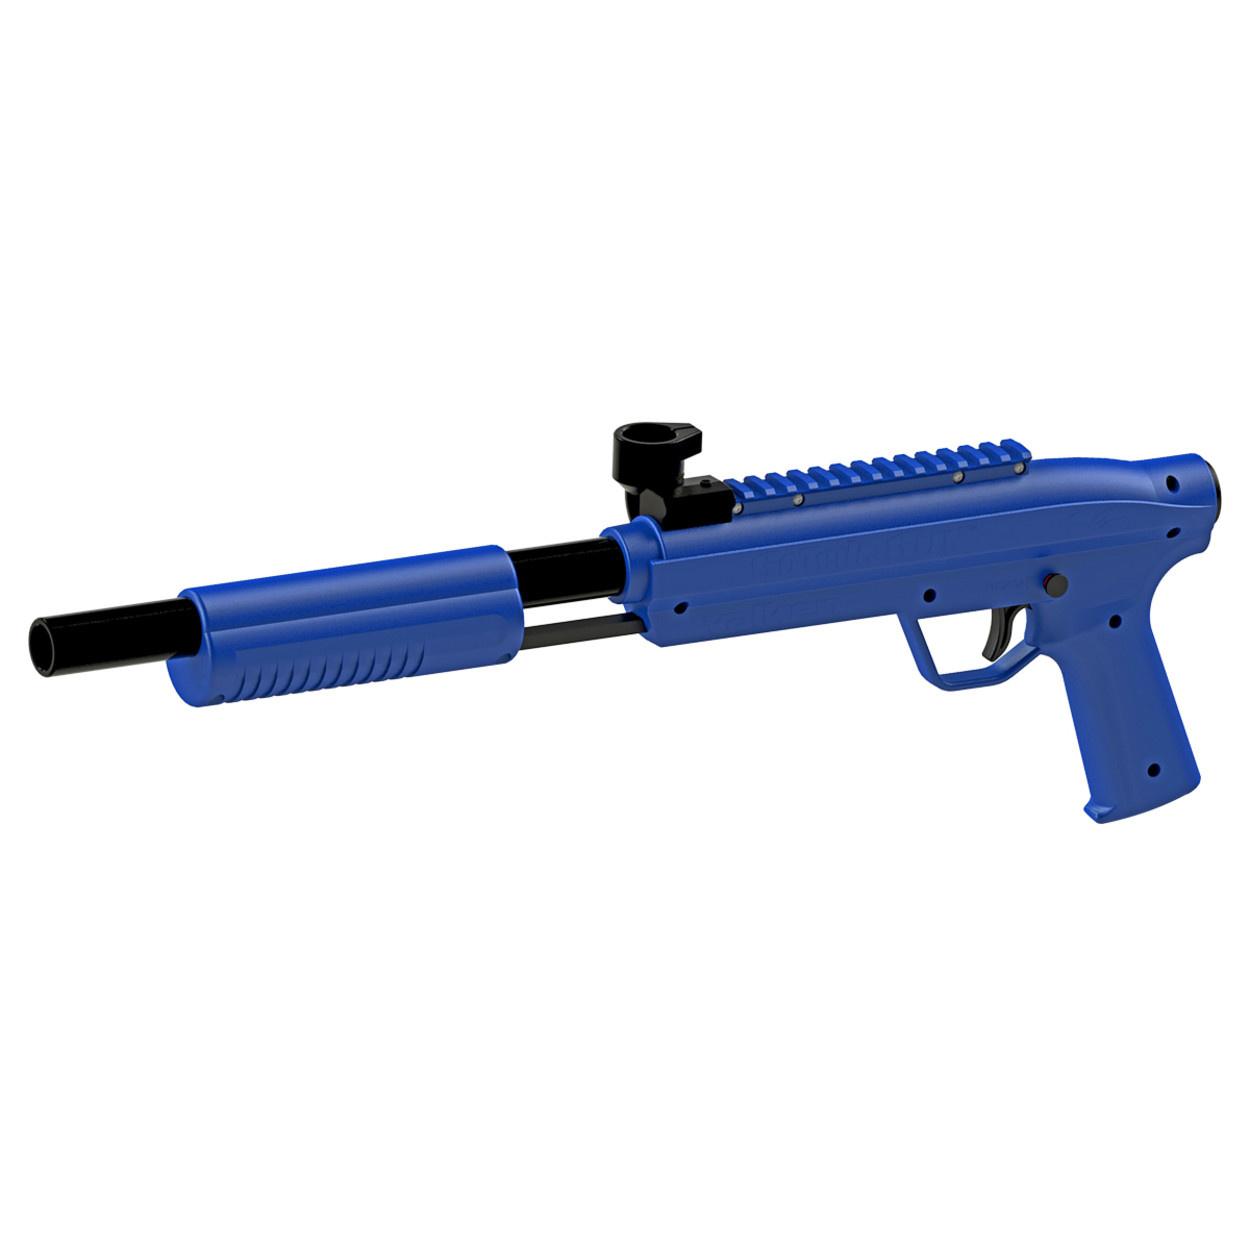 Valken Gotcha Paintball Kidz Shotgun - Cal. 50 - 0,50 Joule